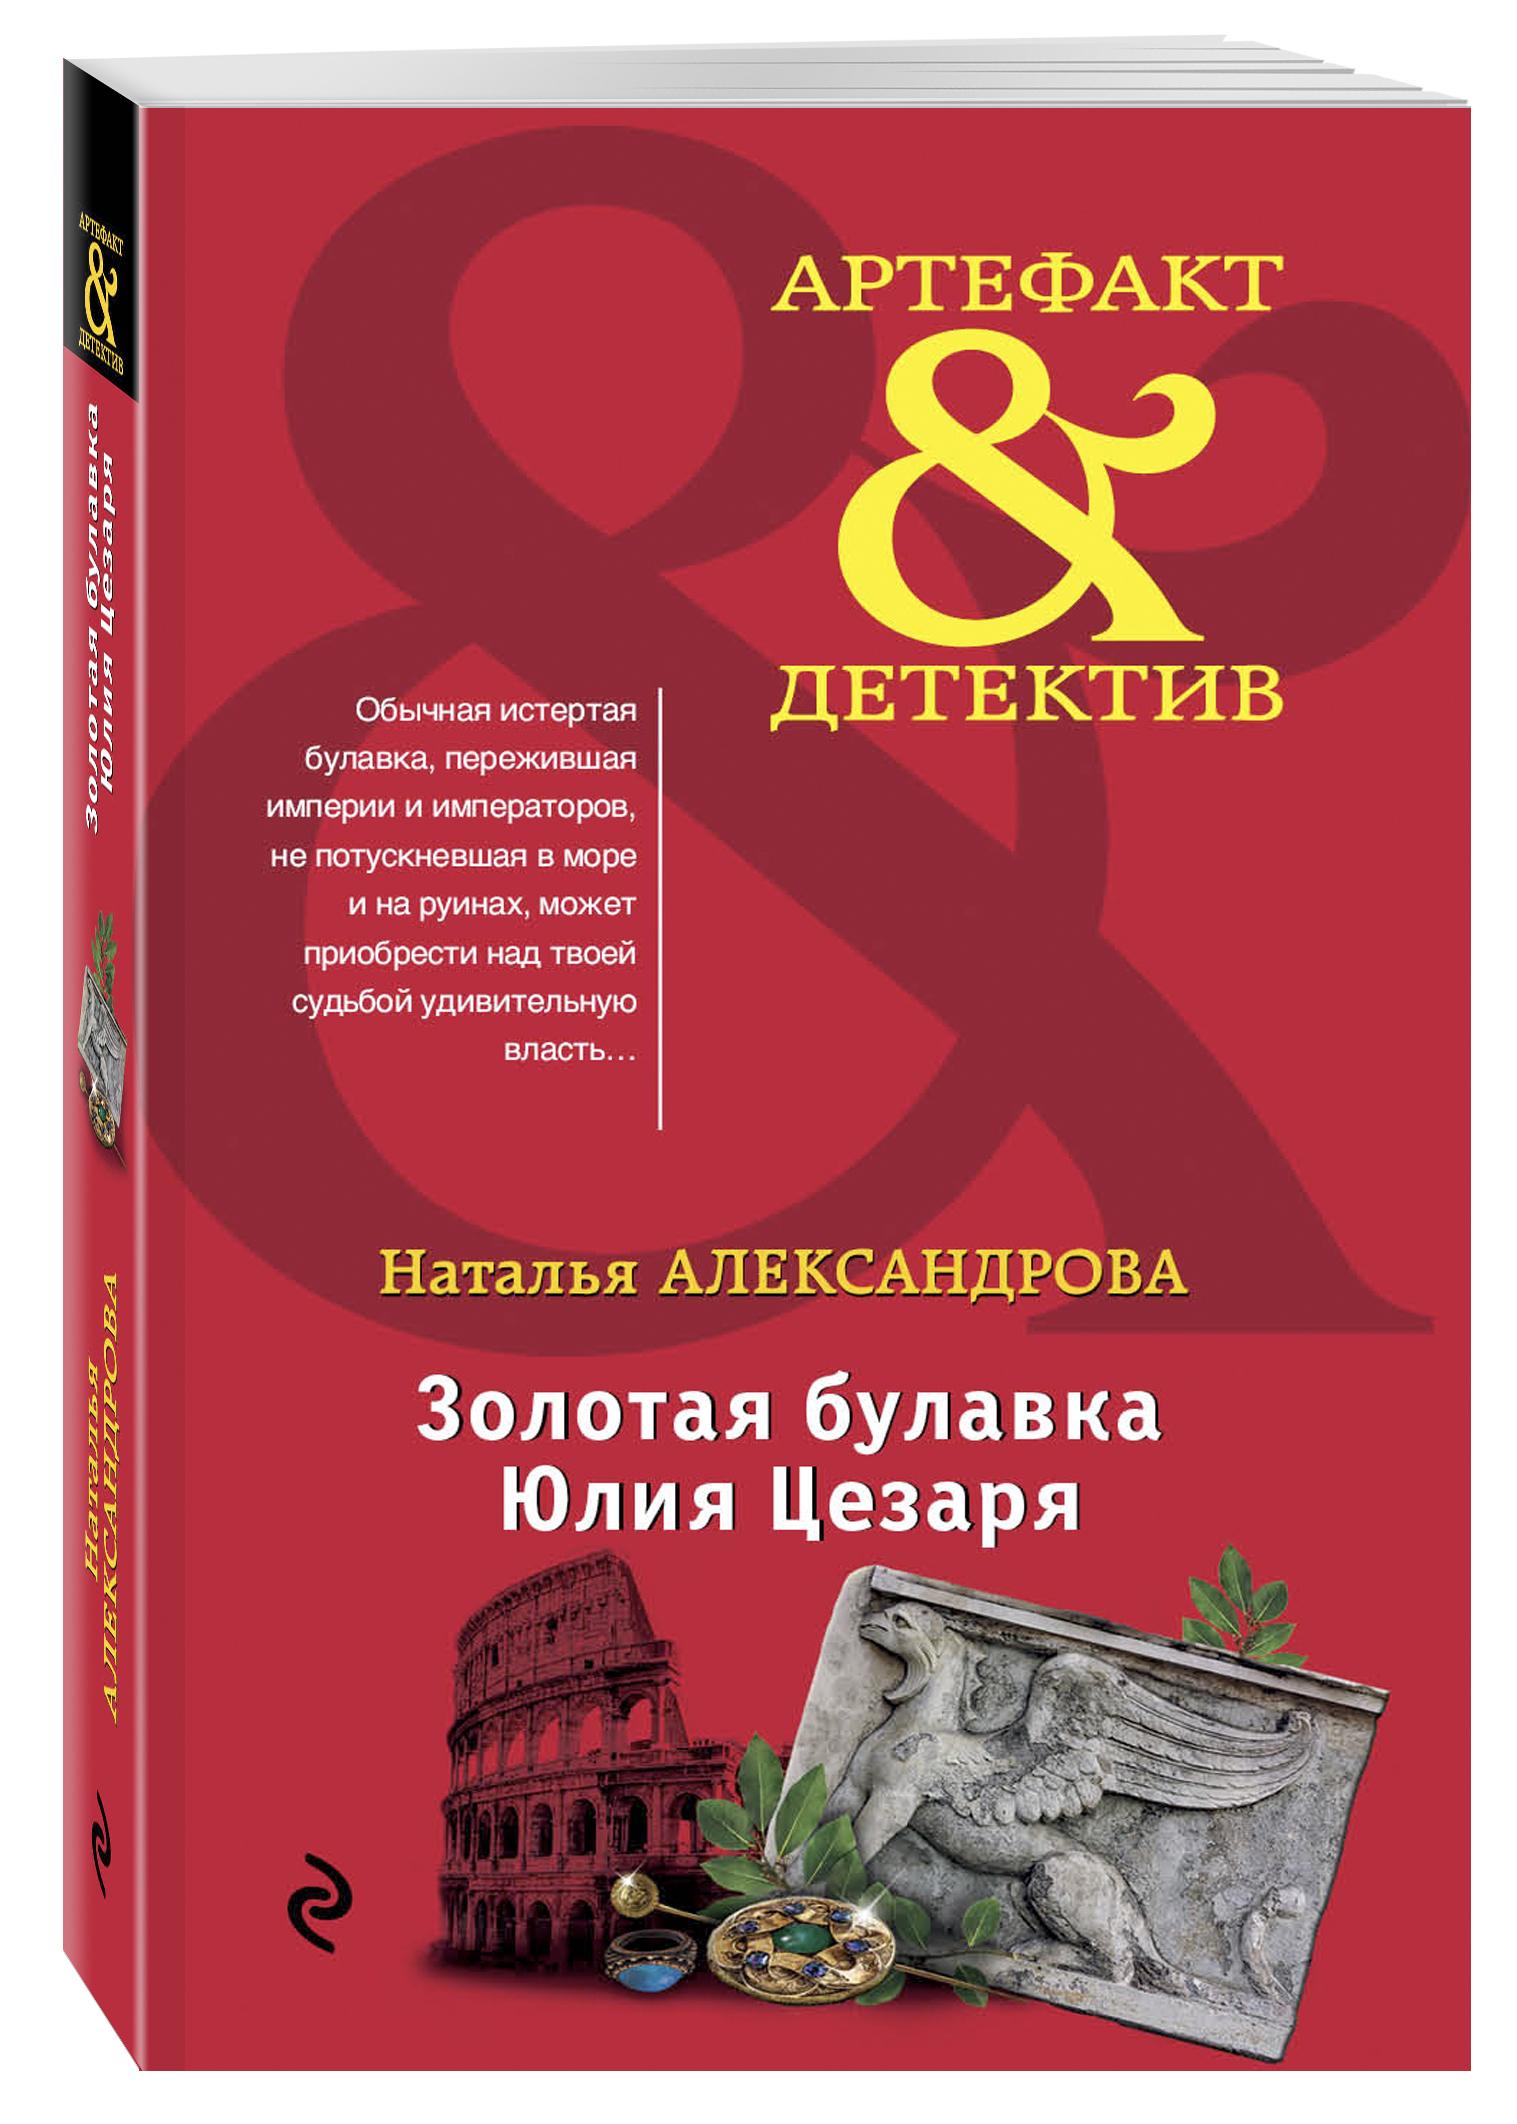 Александрова Н.Н. Золотая булавка Юлия Цезаря